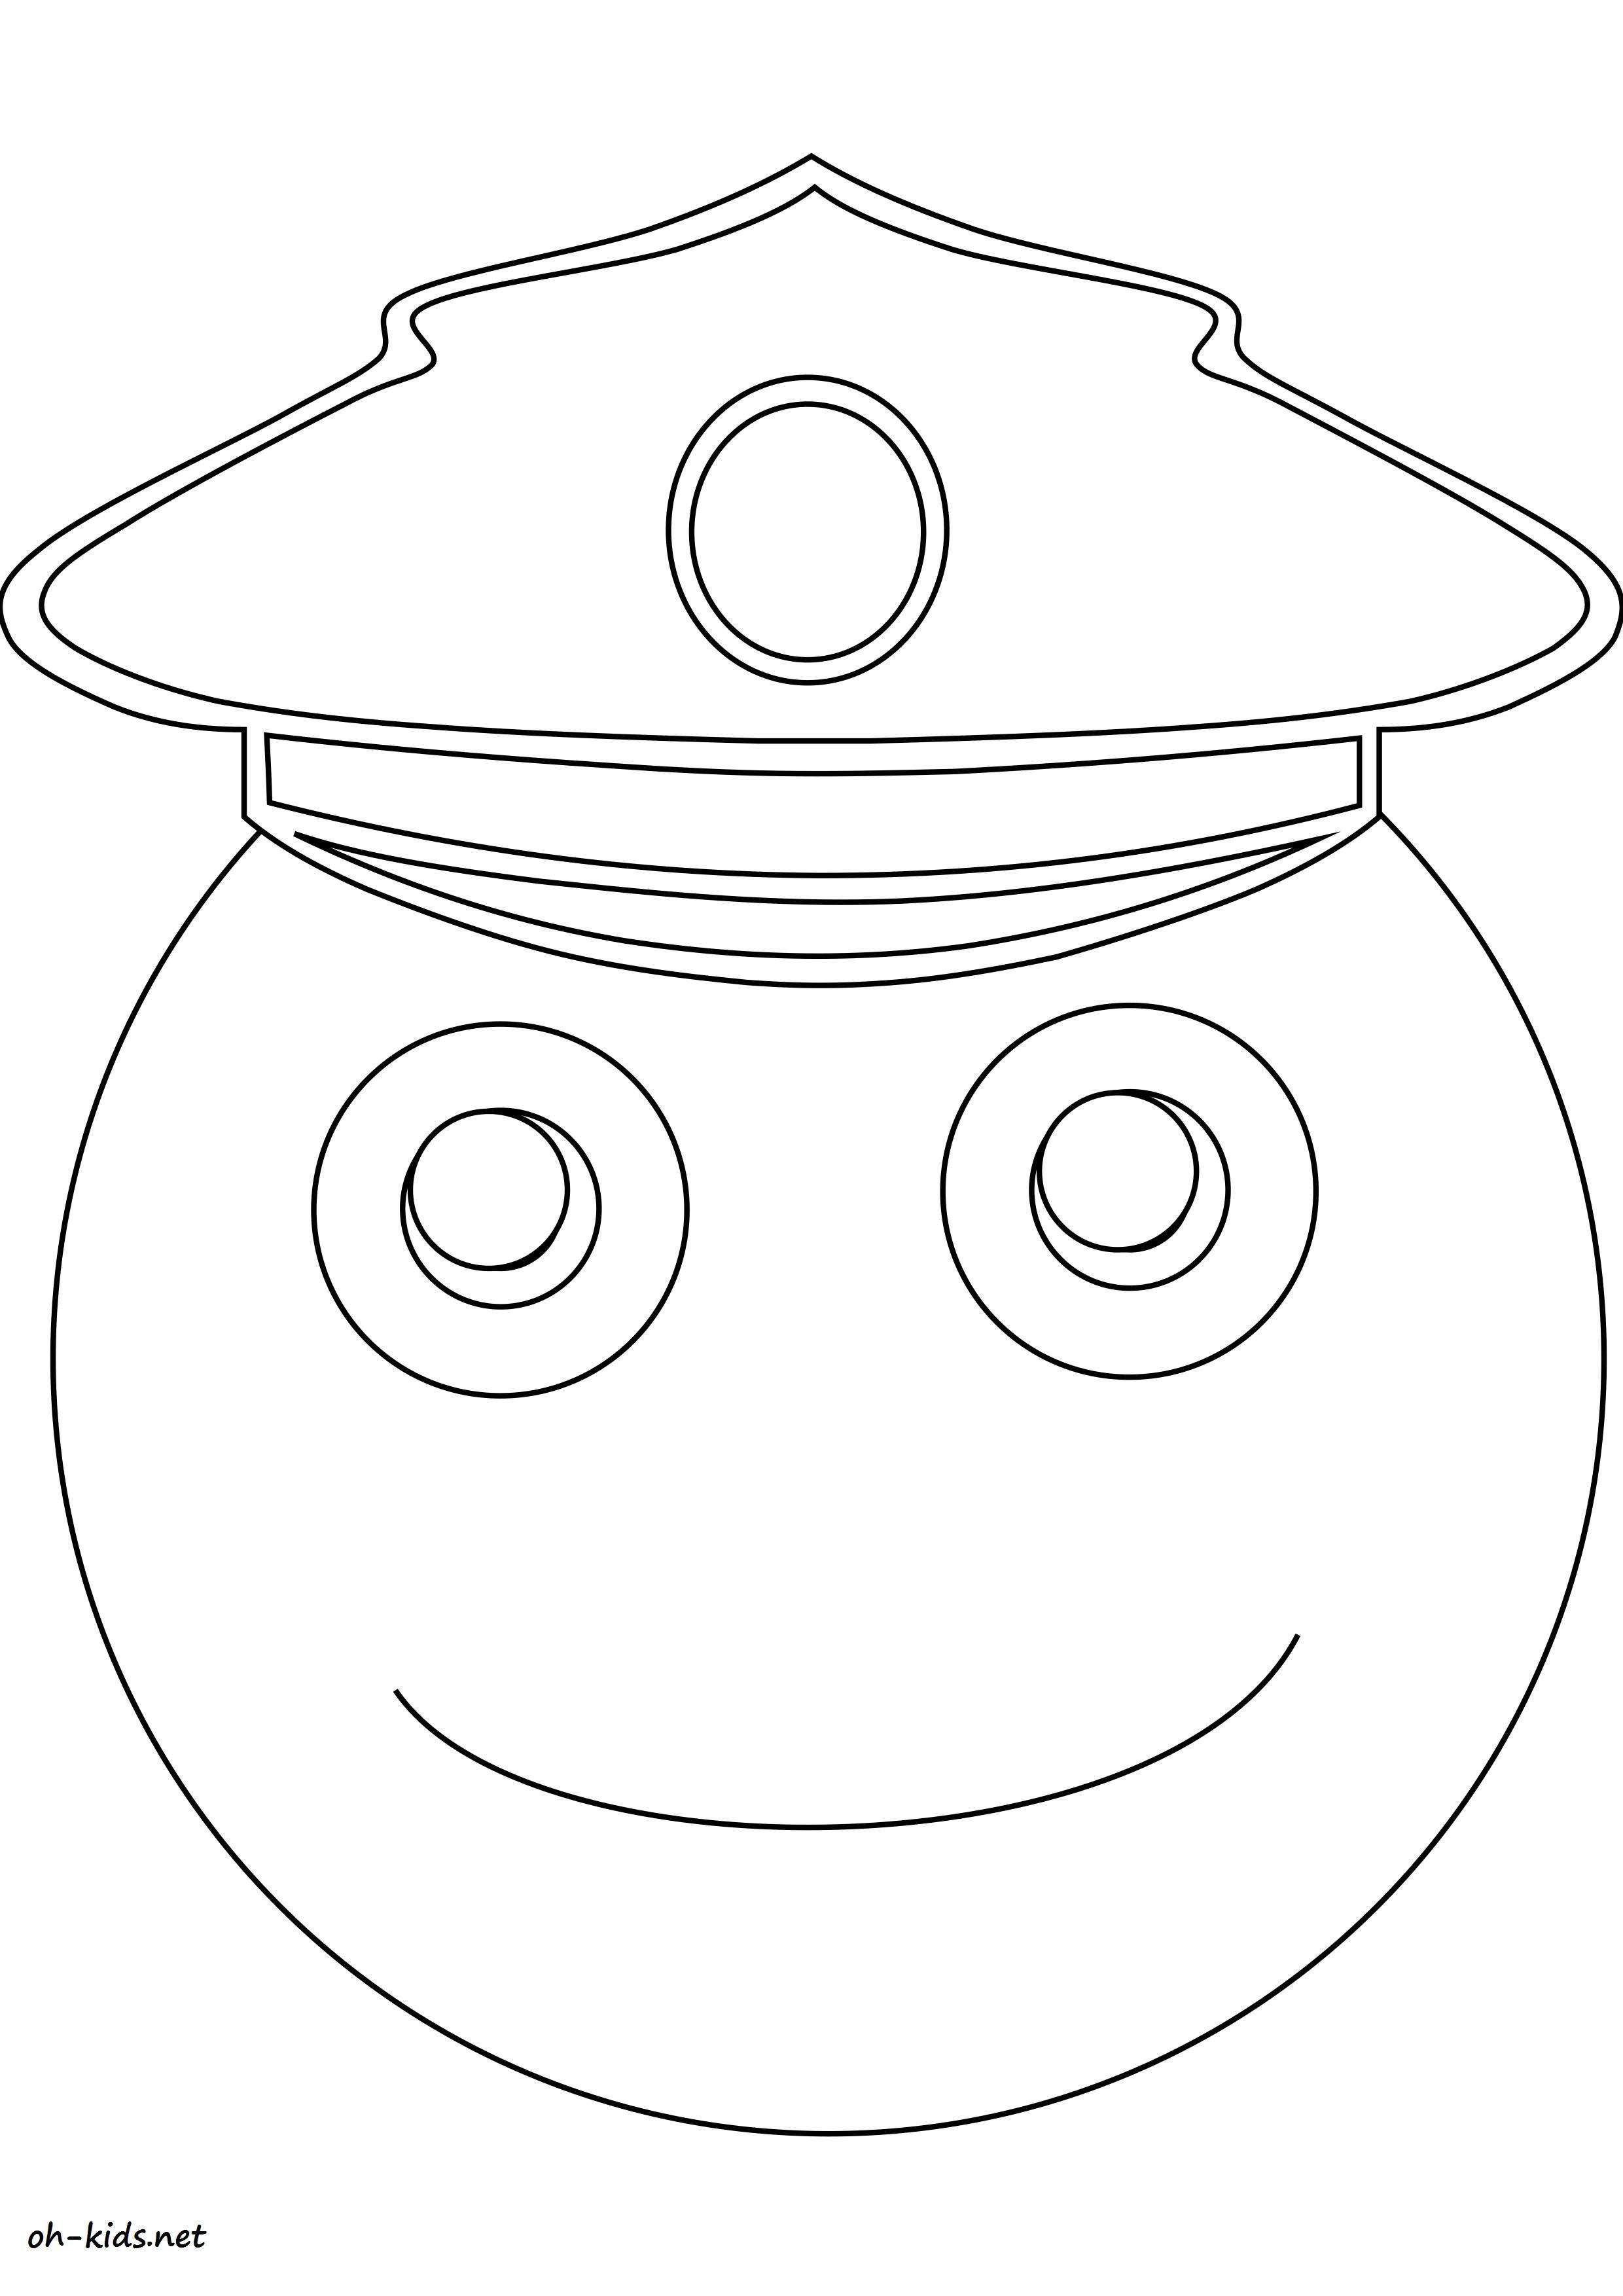 dessin gratuit facteur à imprimer - Dessin #1545